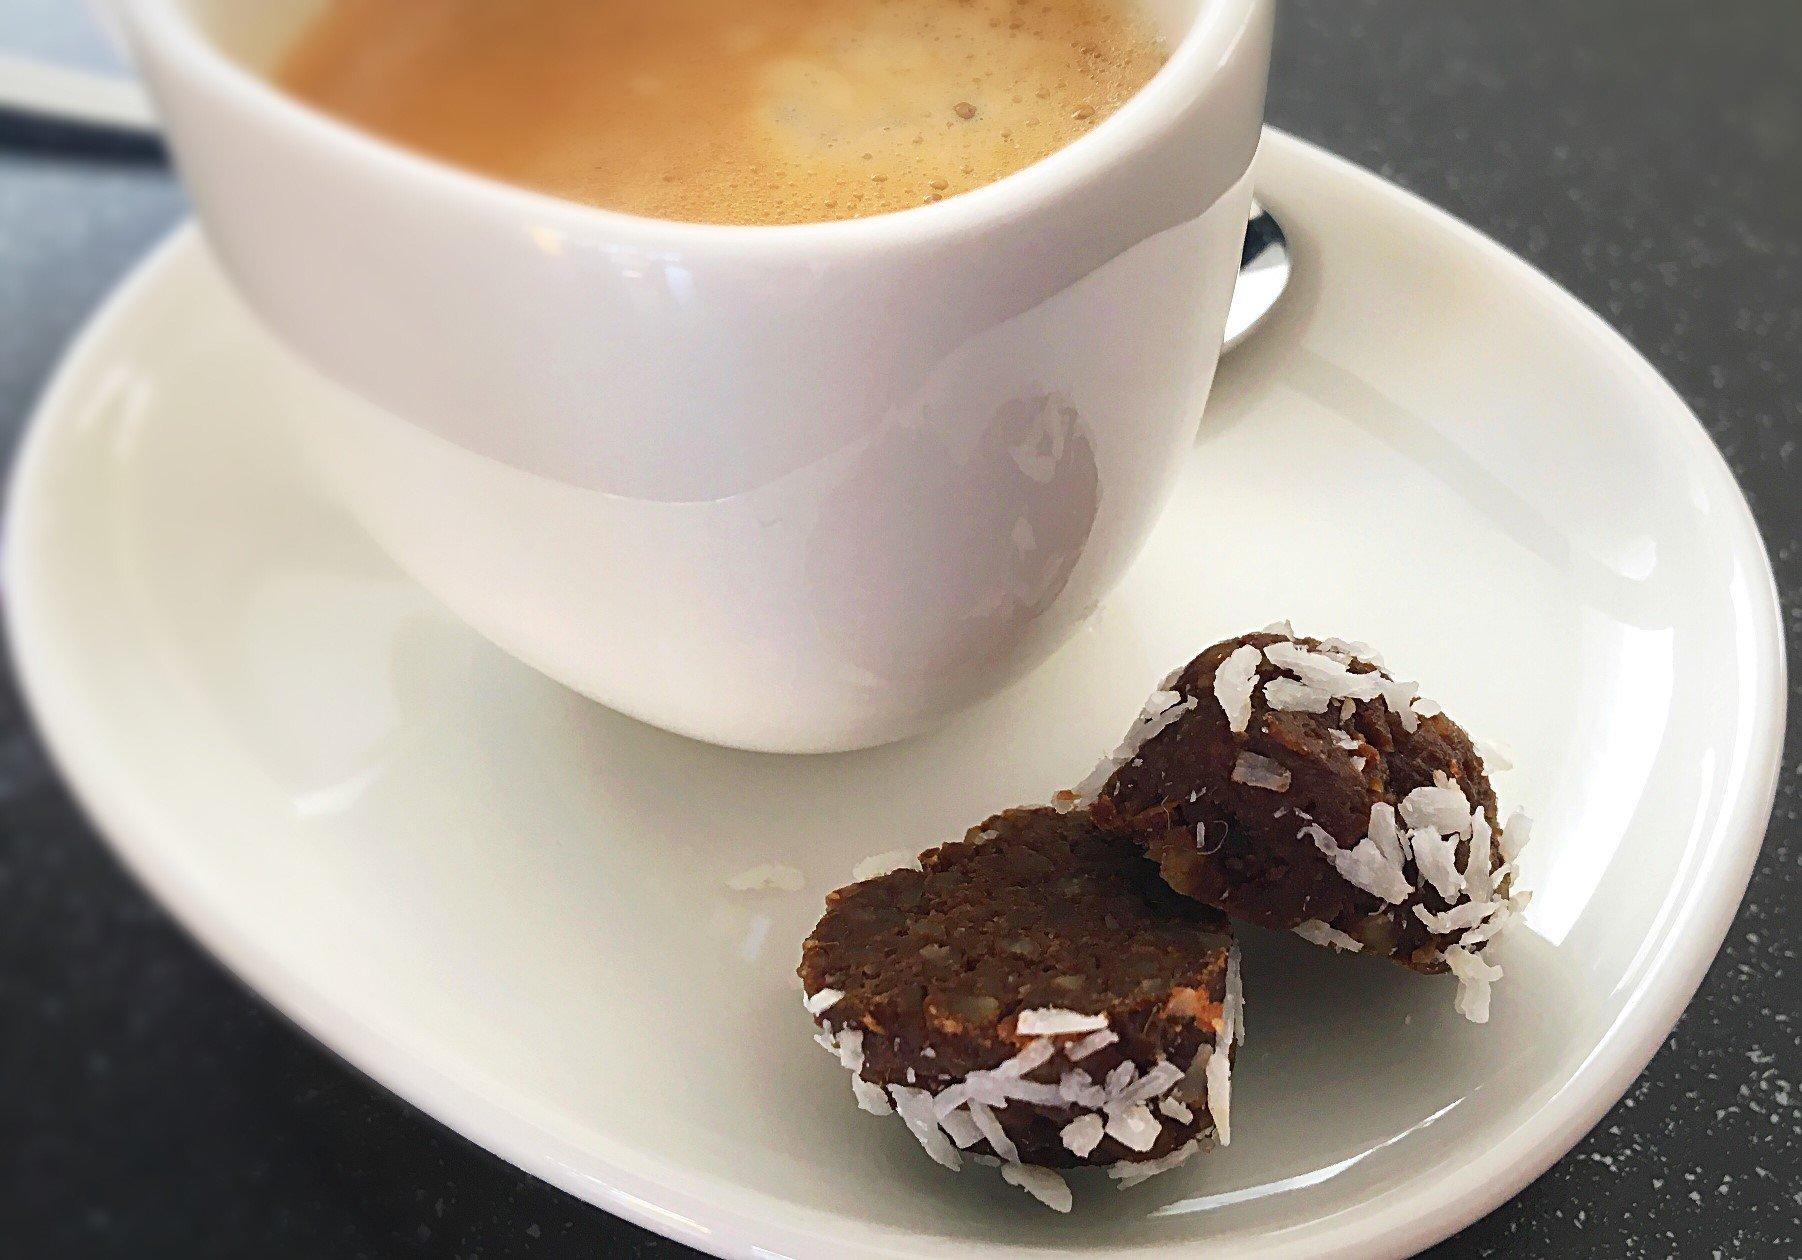 IMG 9547 - Espresso-Blissballs: Lecker, gesund und voller guter Zutaten